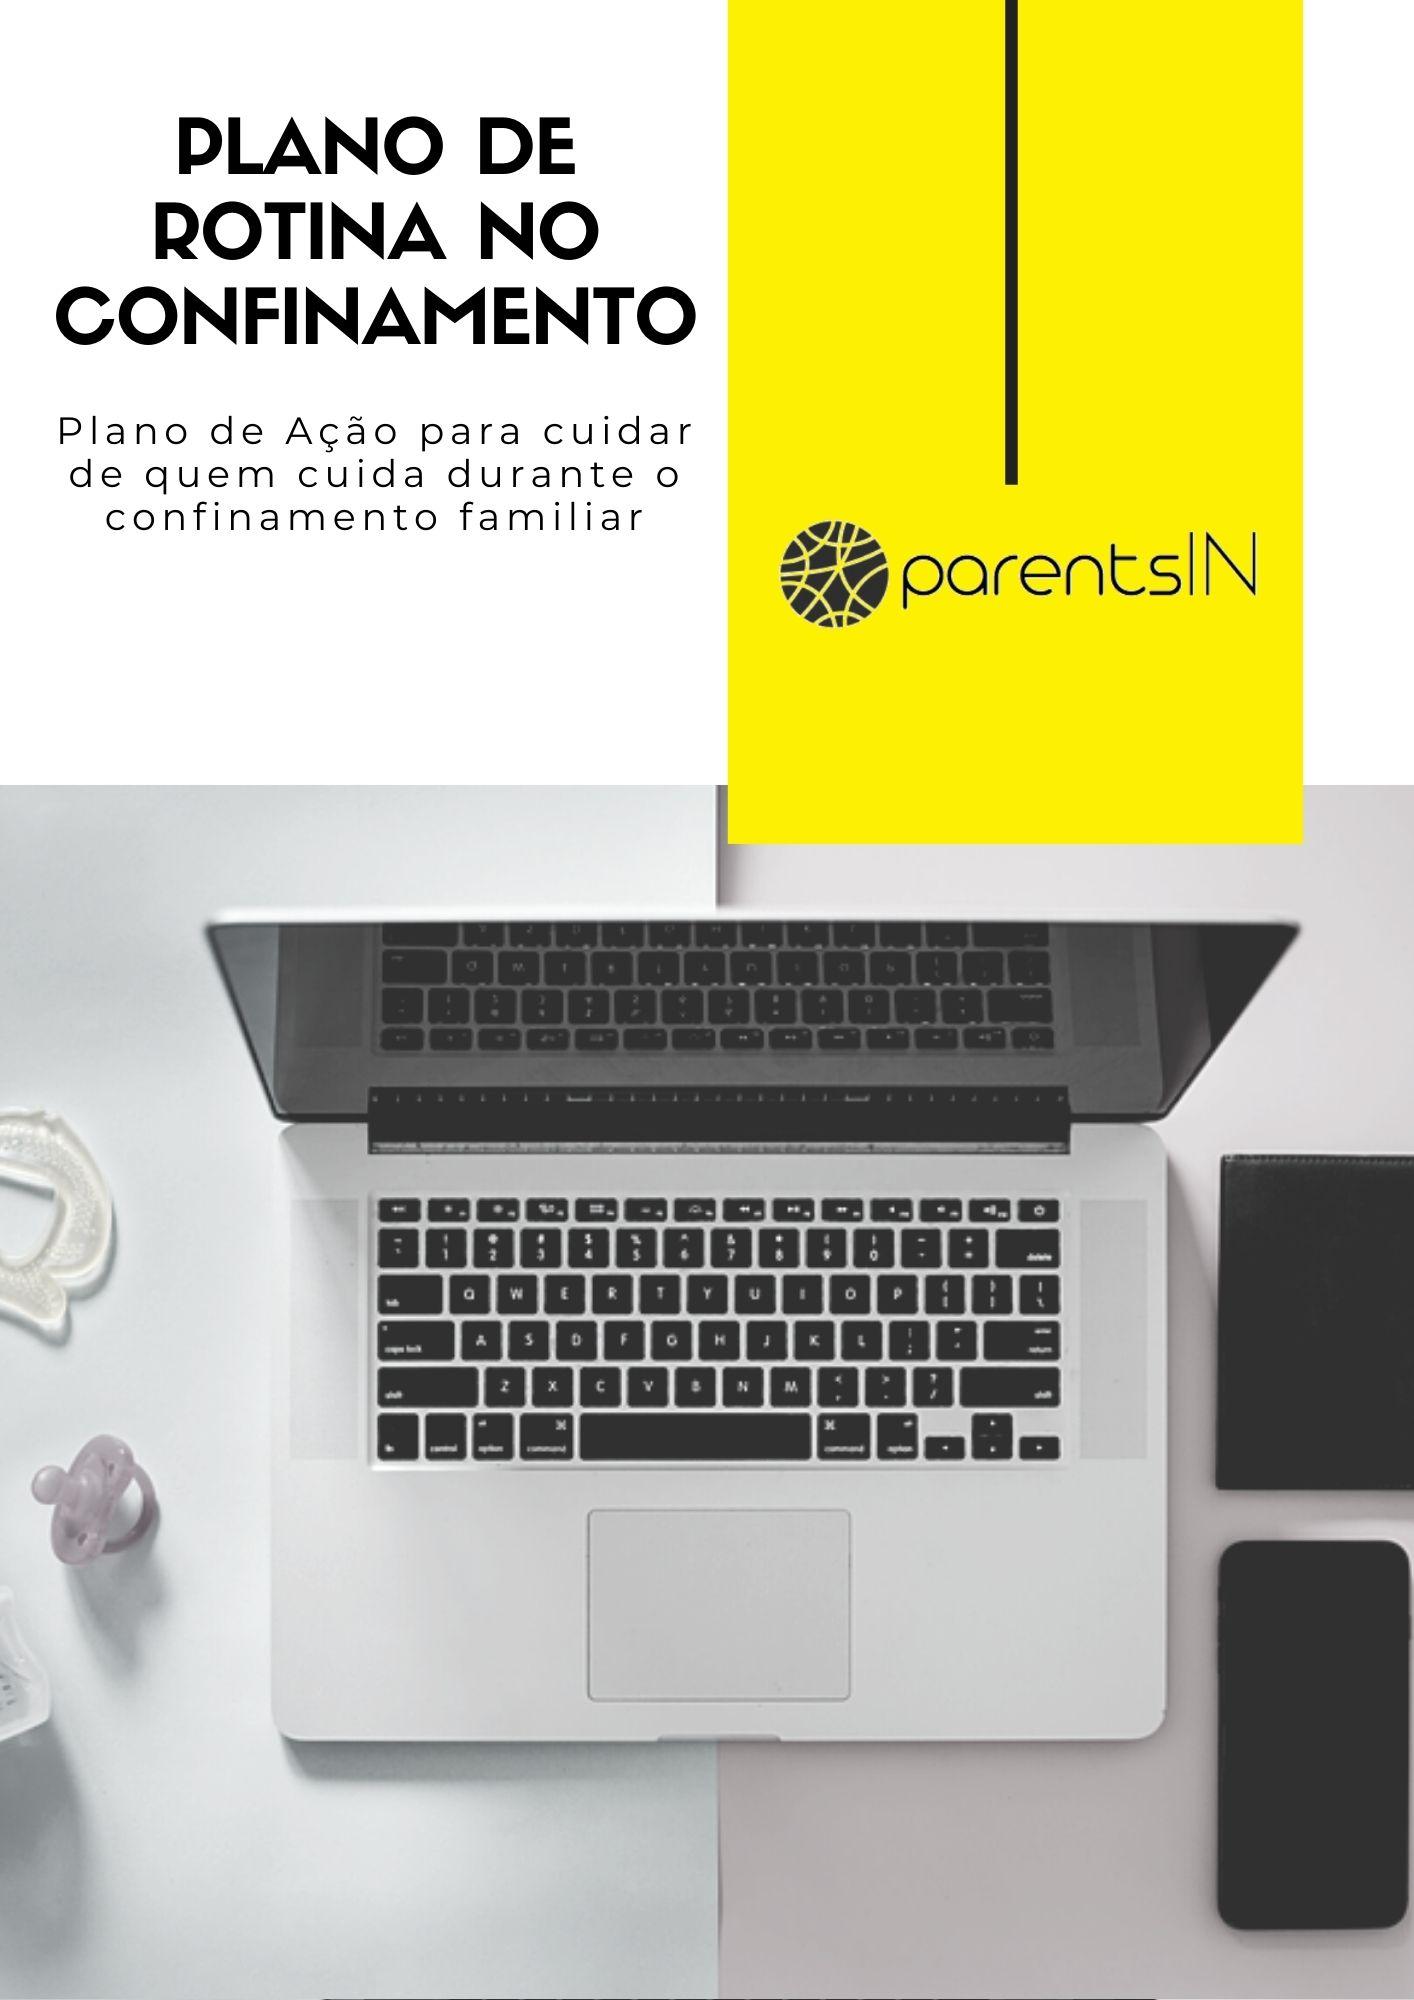 COVID19_Toolkit Para Cuidar de Quem Cuida para Gestores_Plano de Rotina_2020